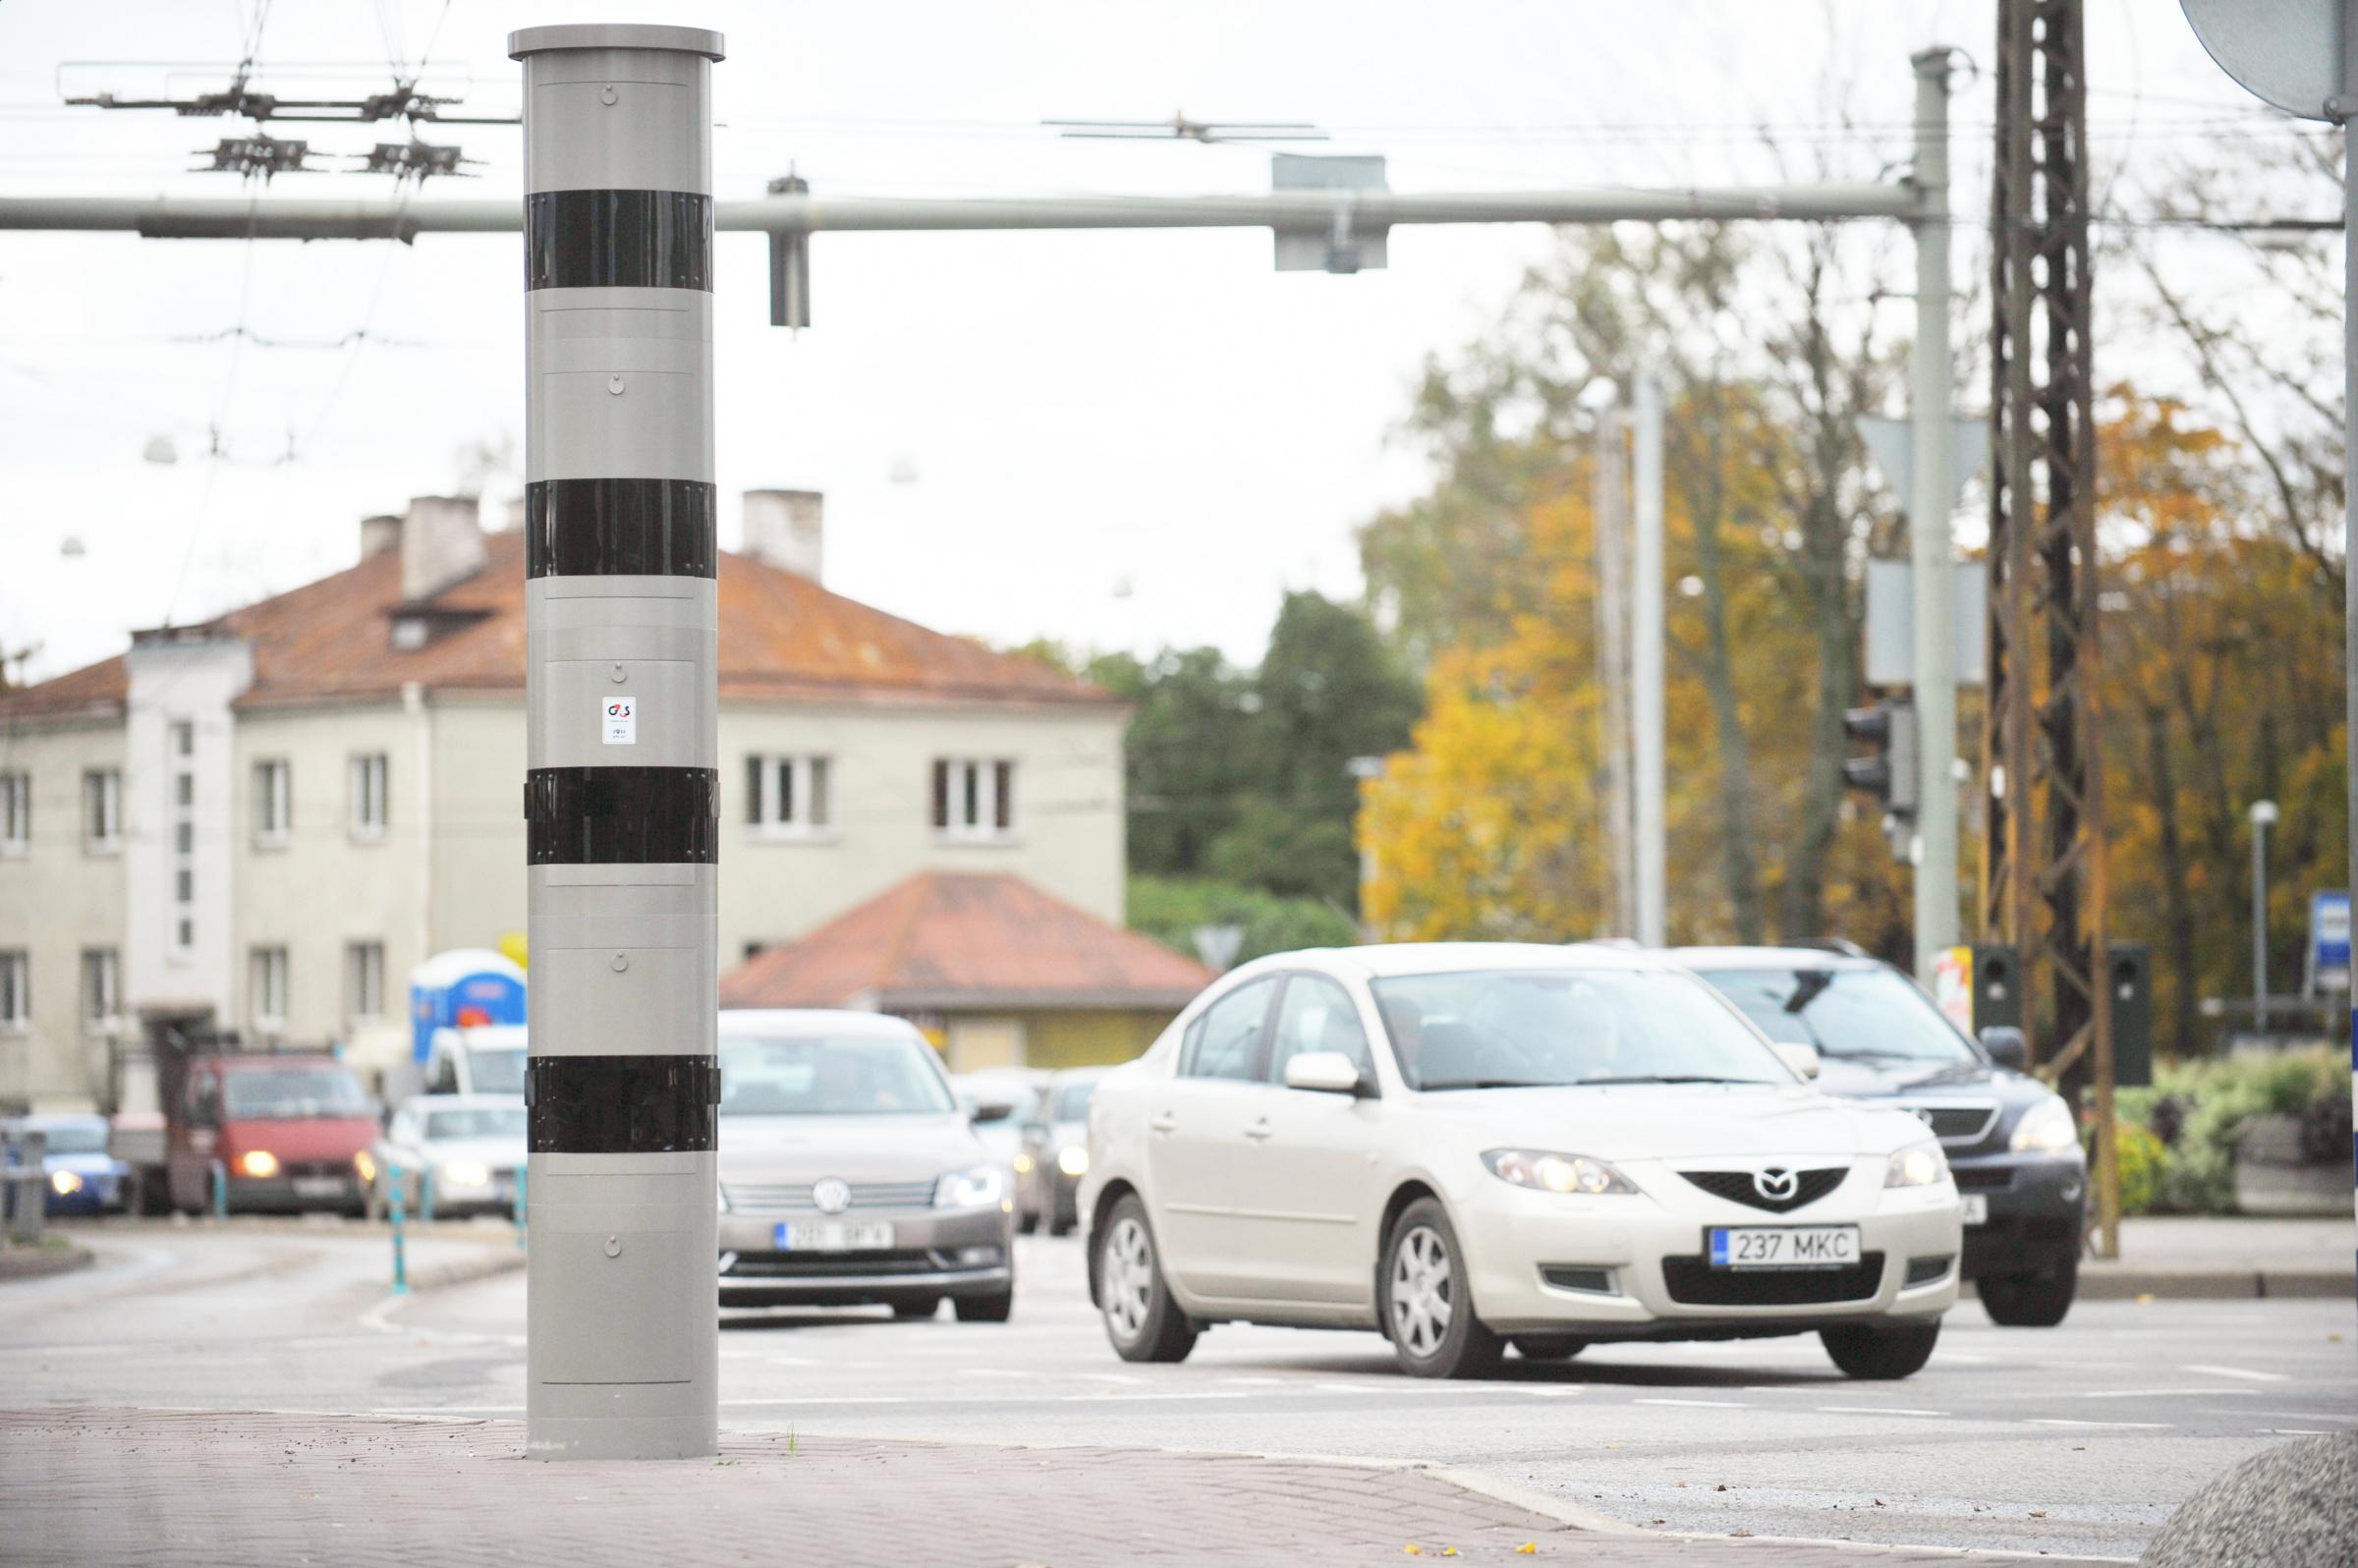 Russalka ristmikule paigaldatakse kiiruskaameraid, aga linn ei ütle, mitu neid tuleb